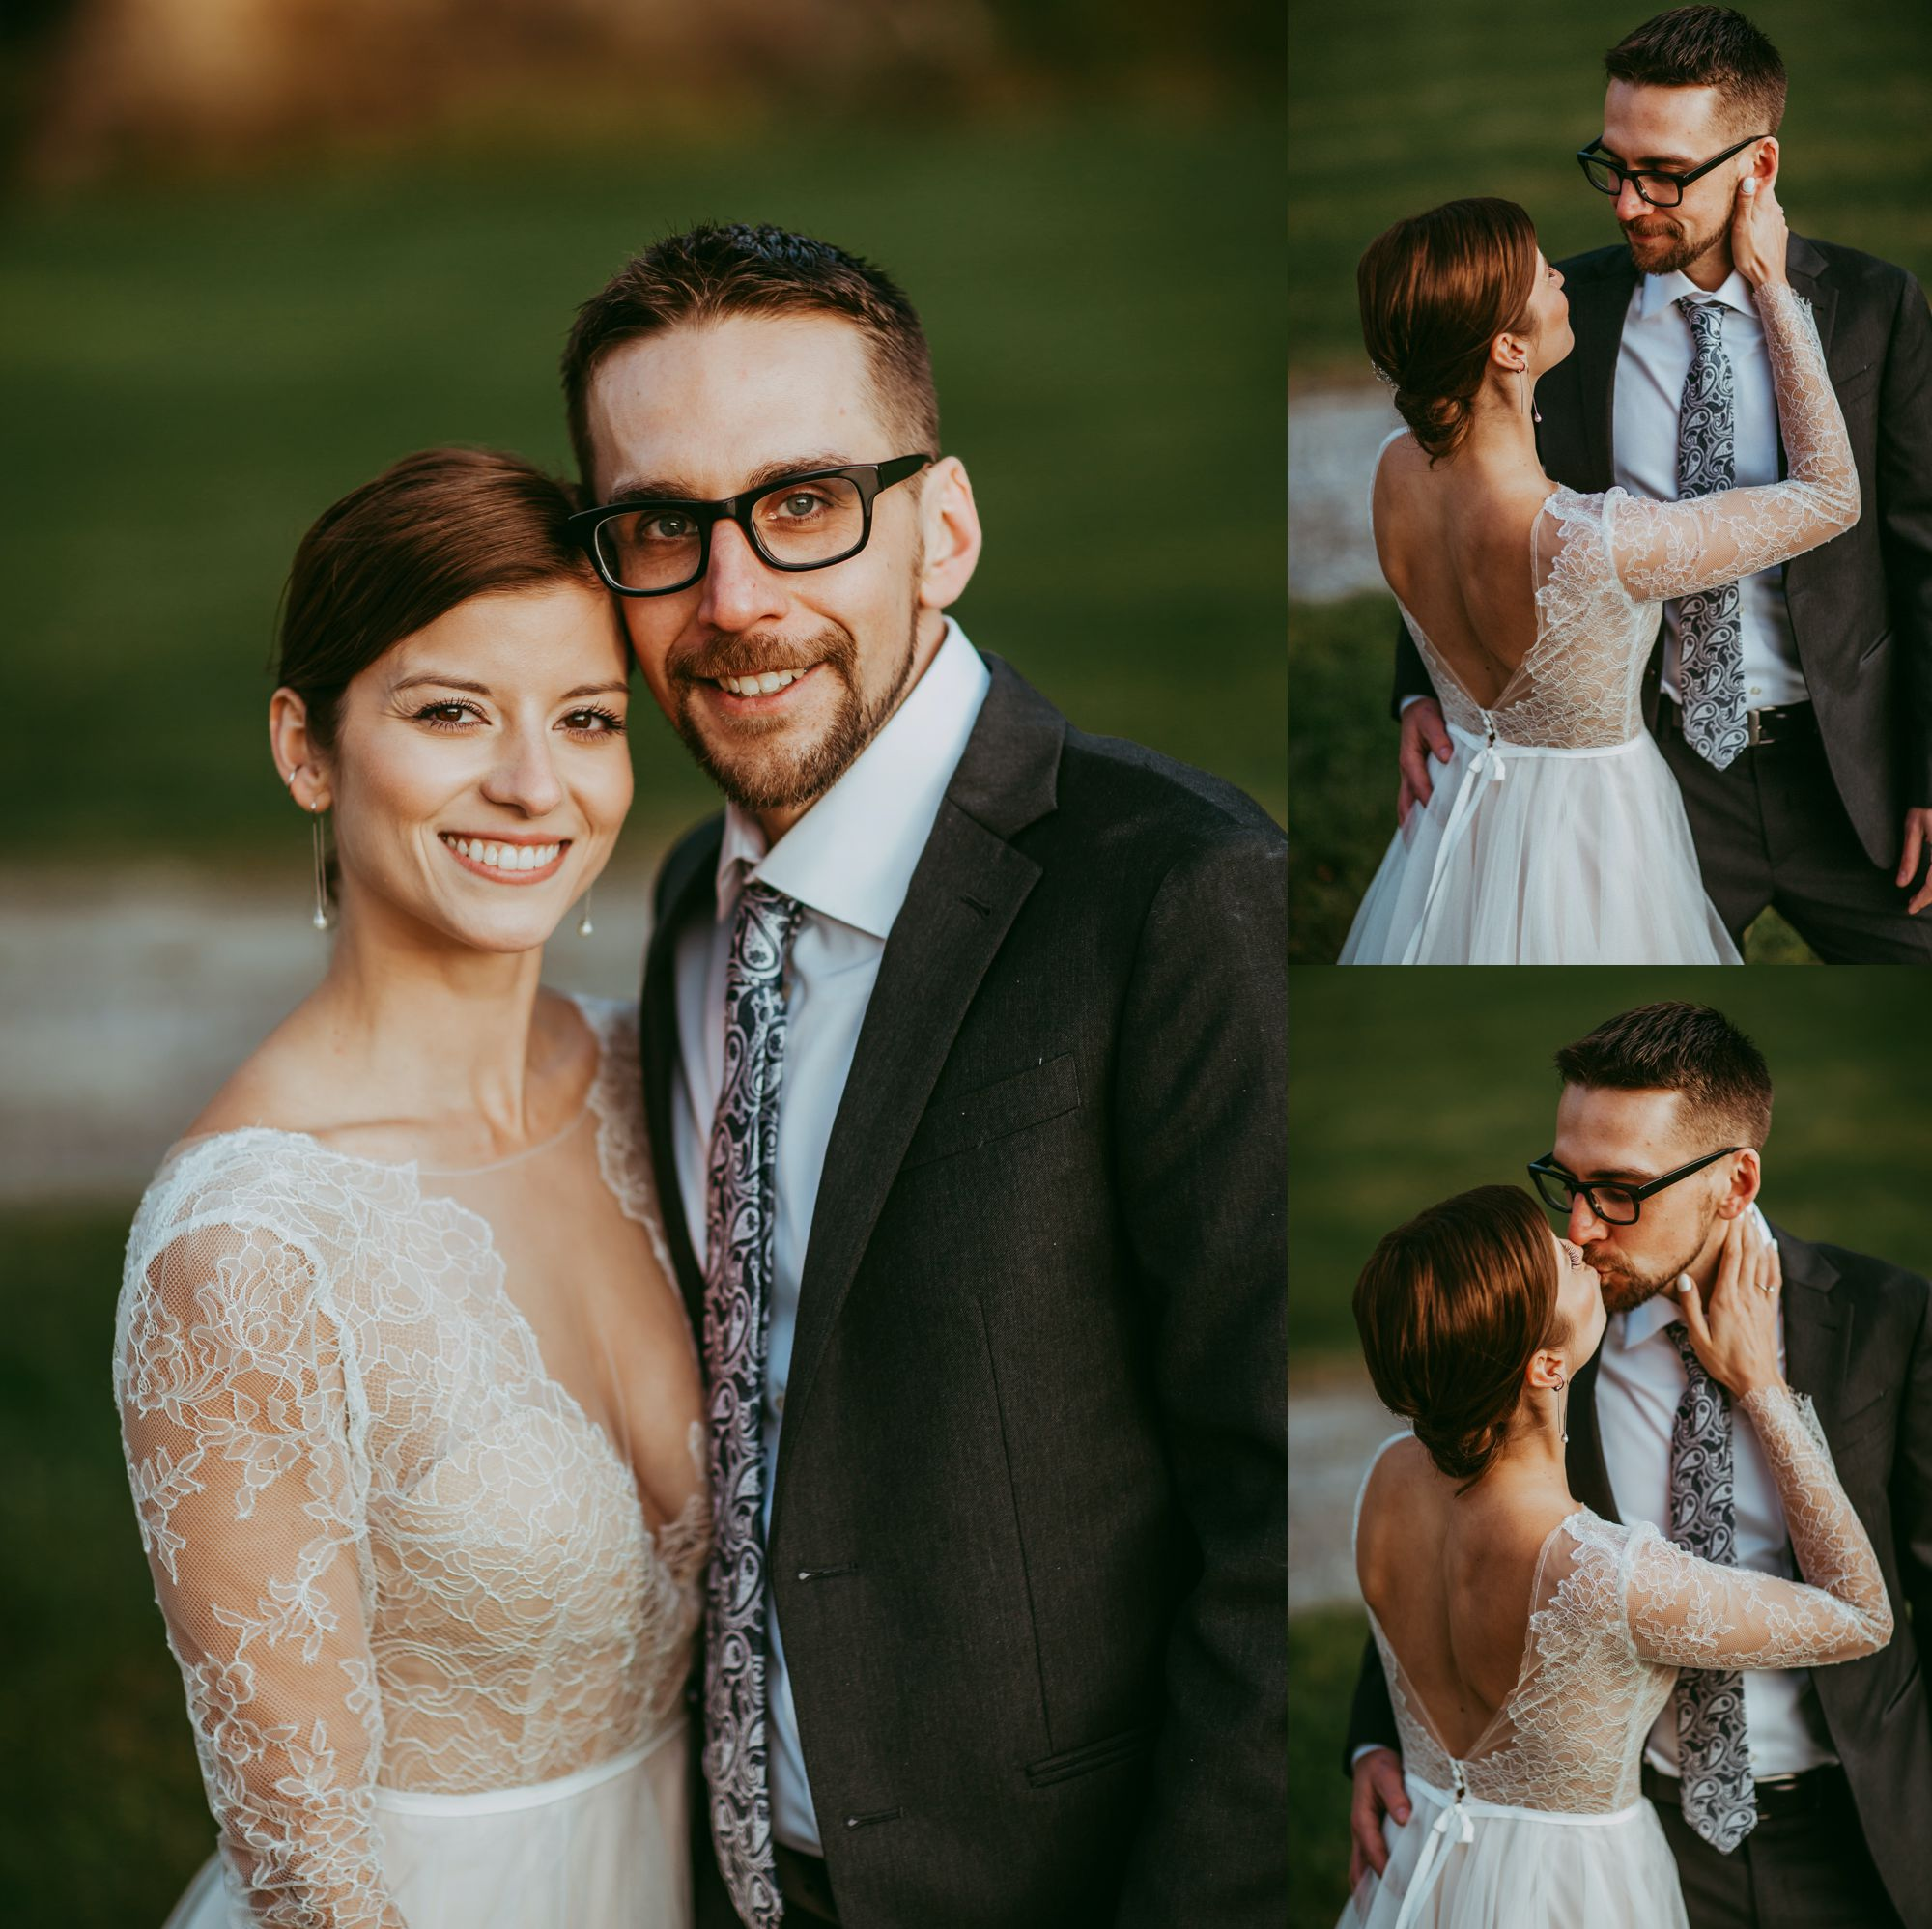 Mt Mansfield Wedding Bride and Groom Happy Closeup